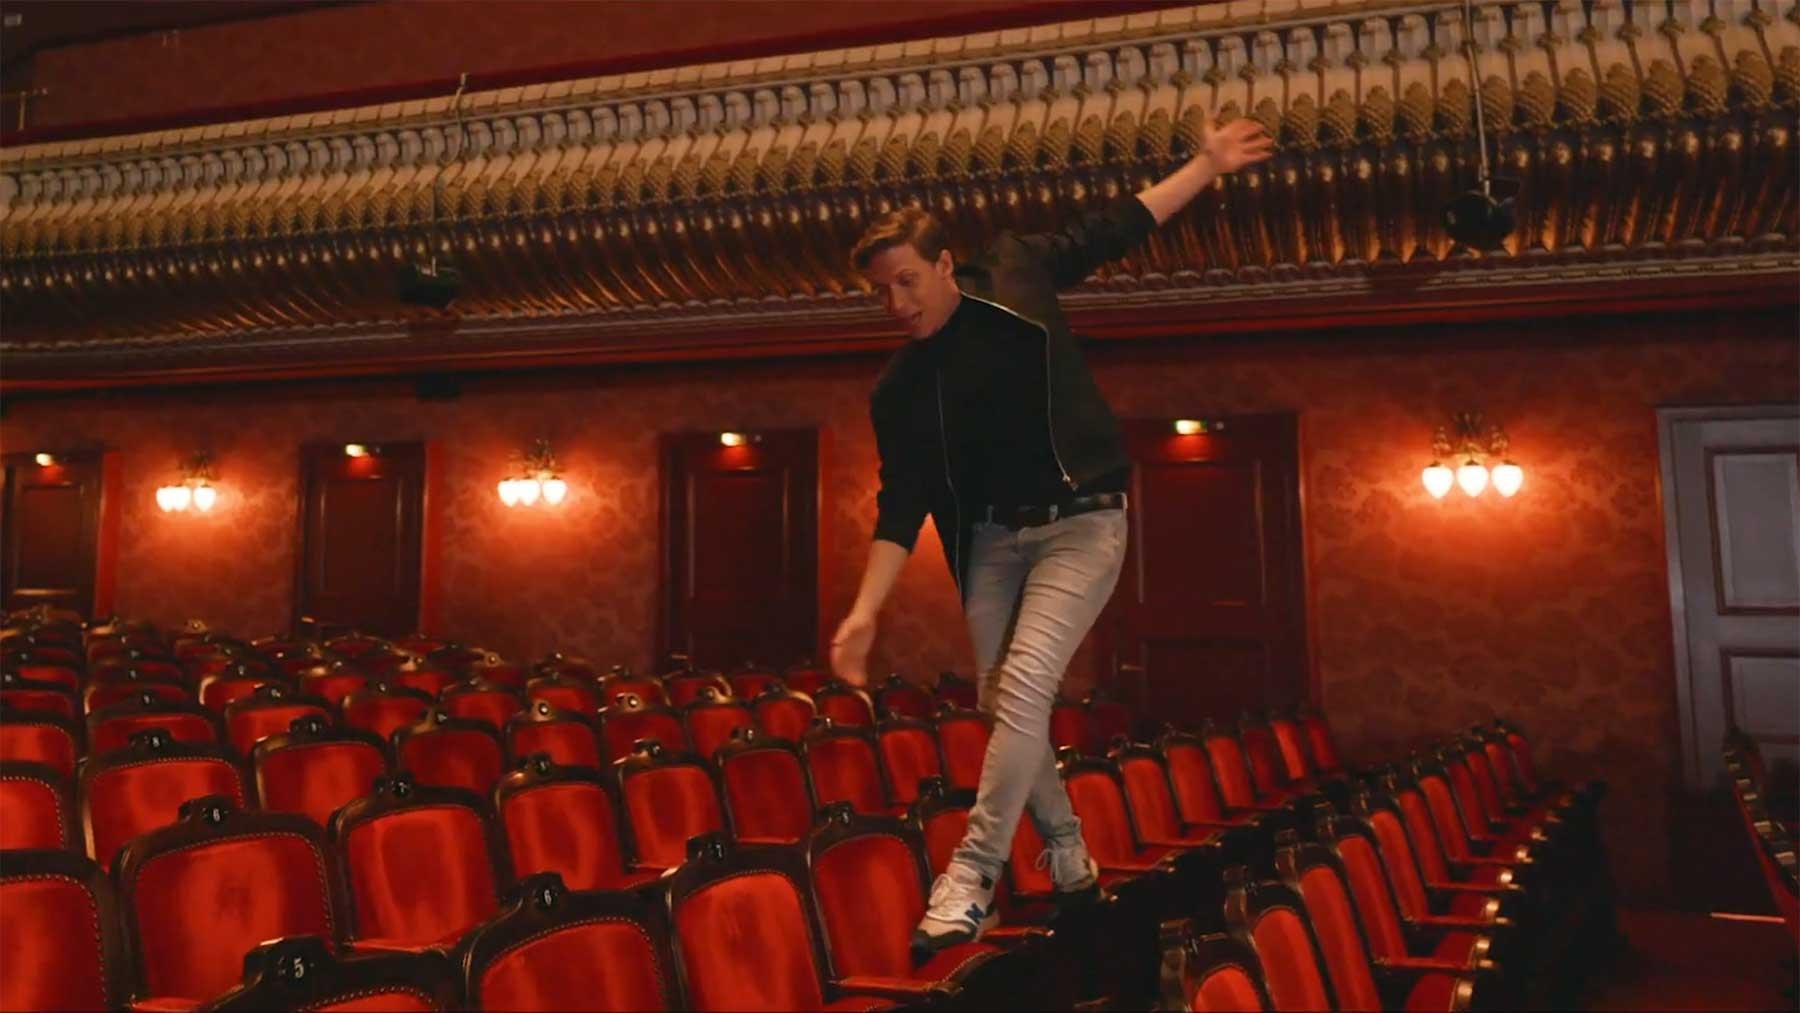 """Musikvideo: """"Berlin, Berlin"""" aus """"Ku'damm 56: Das Musical"""" Berlin-Berlin-musikvideo-kudamm-56-musical"""